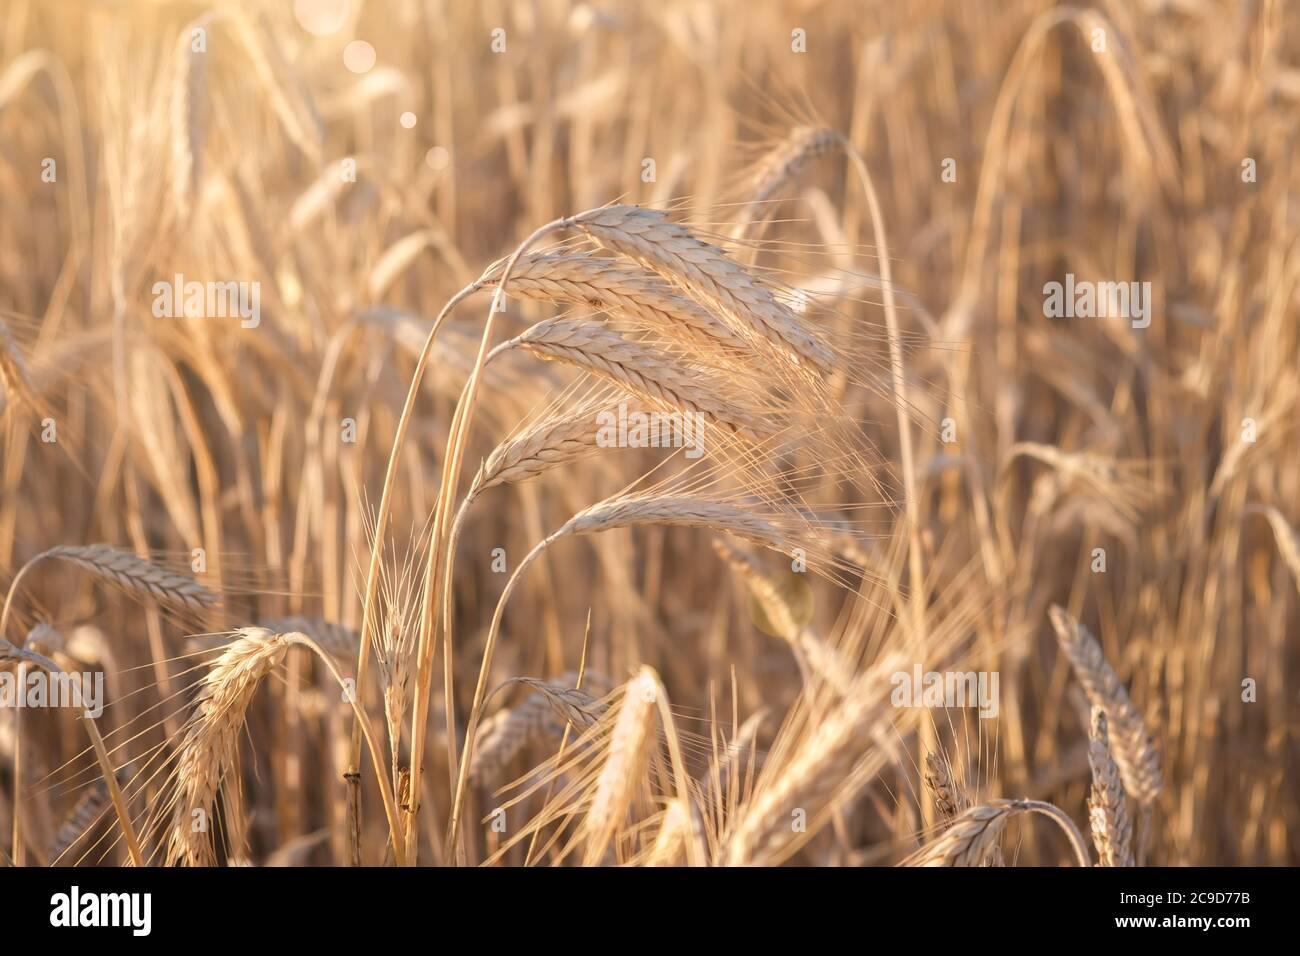 Campo de trigo. Espigas de trigo de oro de cerca. La naturaleza hermosa puesta de sol paisaje. Paisaje rural bajo la luz del sol brillante. Antecedentes de la maduración oídos de WH Foto de stock